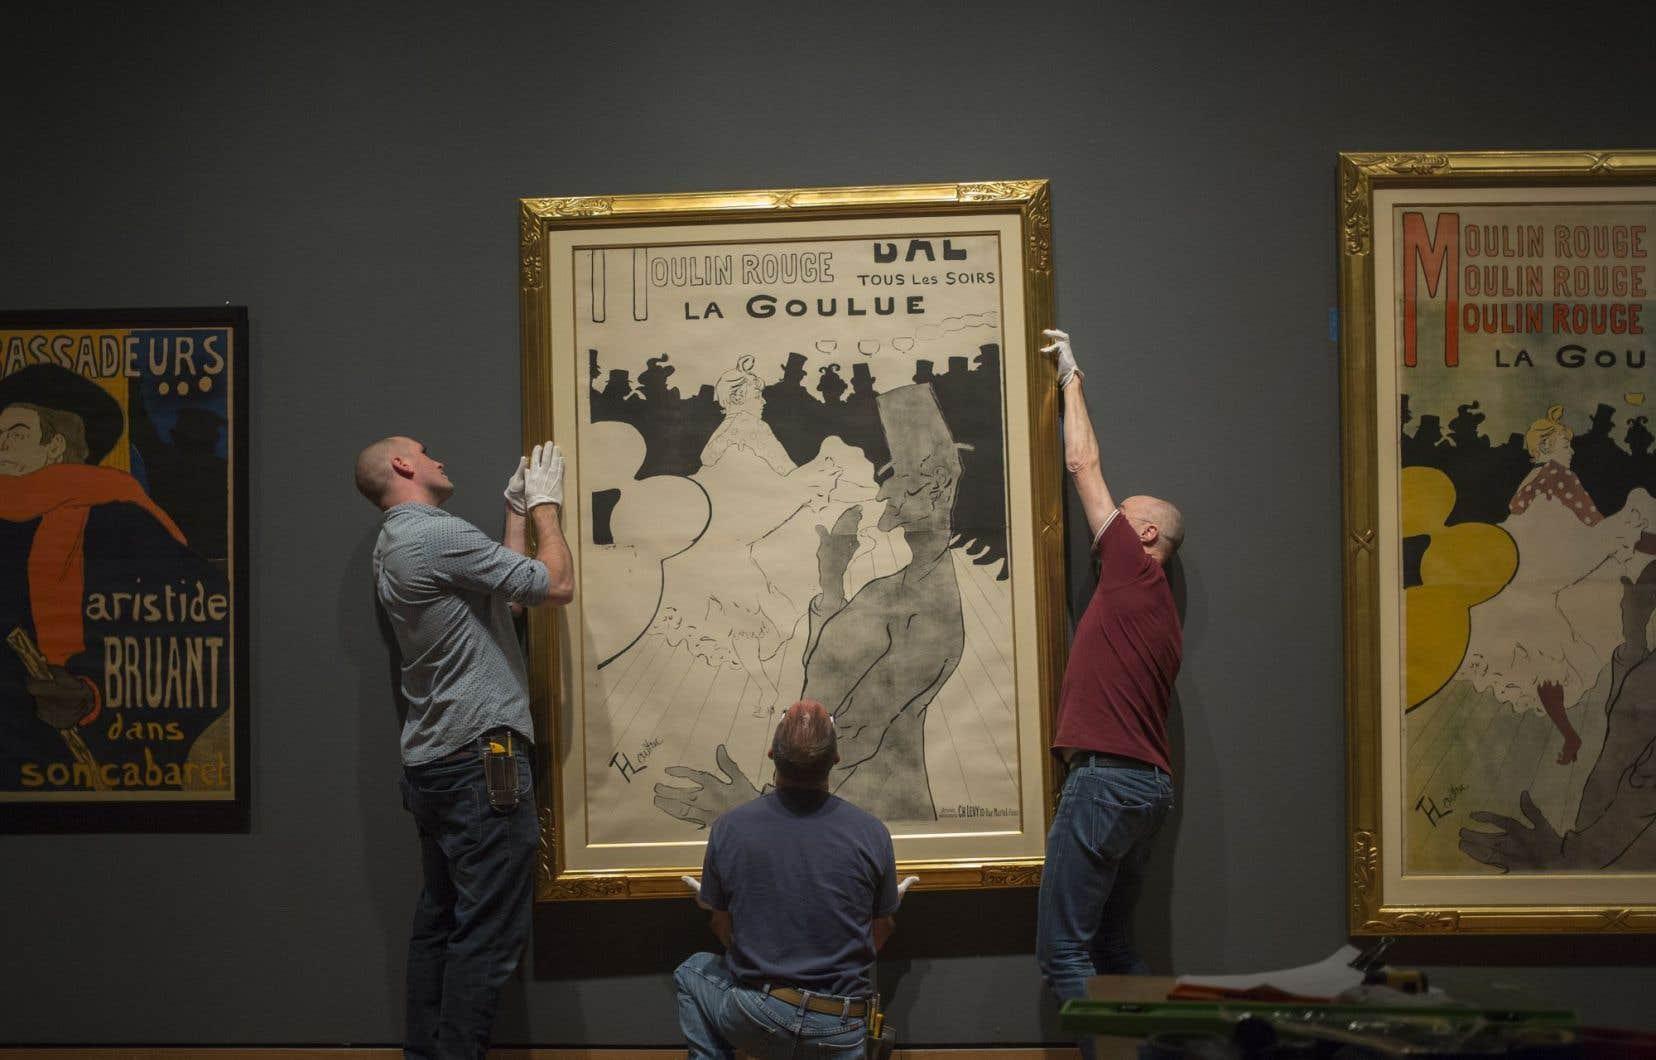 Trois hommes avec des gants blancs s'affairent à accrocher à un mur du Musée des beaux-arts de Montréal un immense tableau de Toulouse-Lautrec.